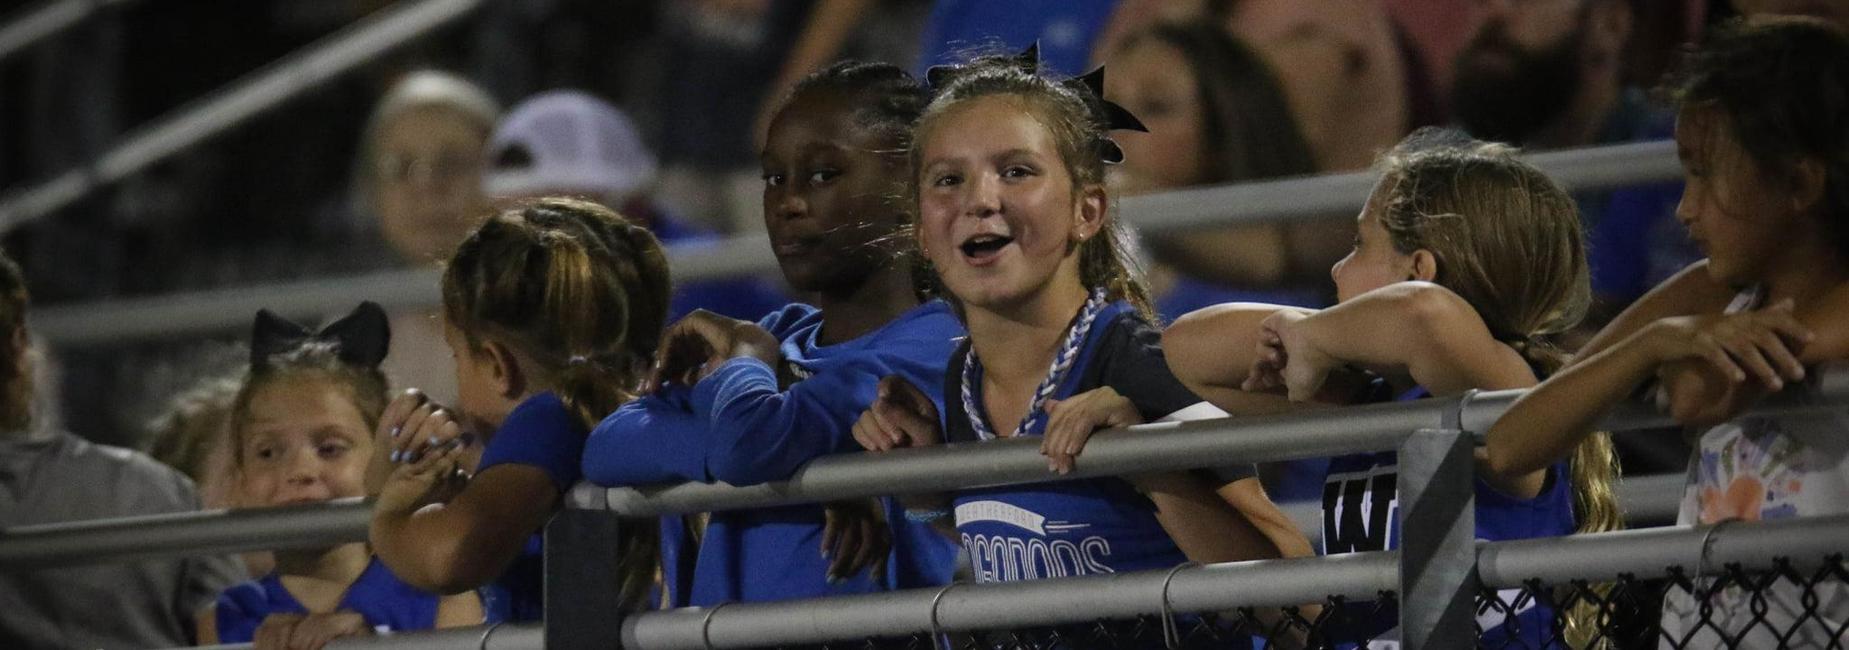 Young students at a varsity football game